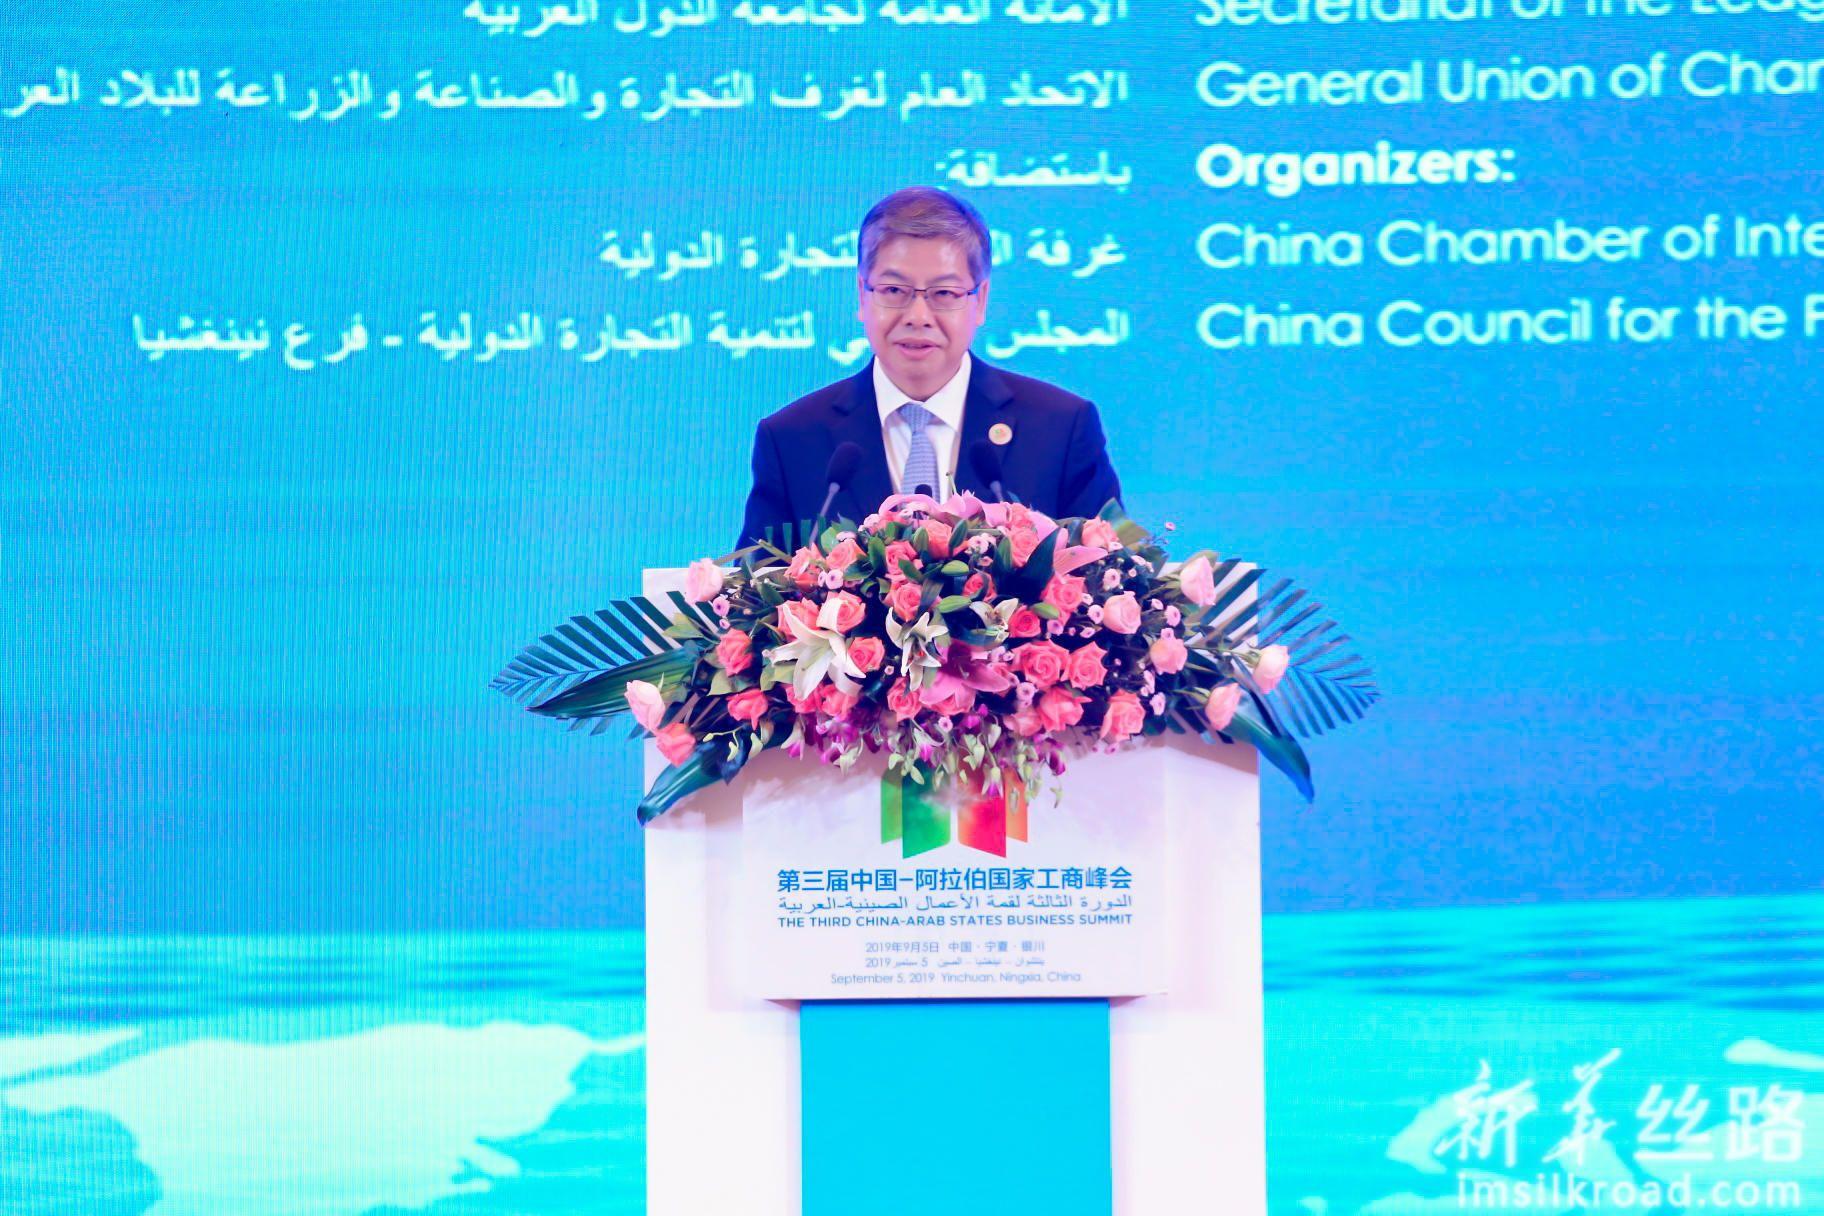 宁夏回族自治区副主席刘可为先生致辞。